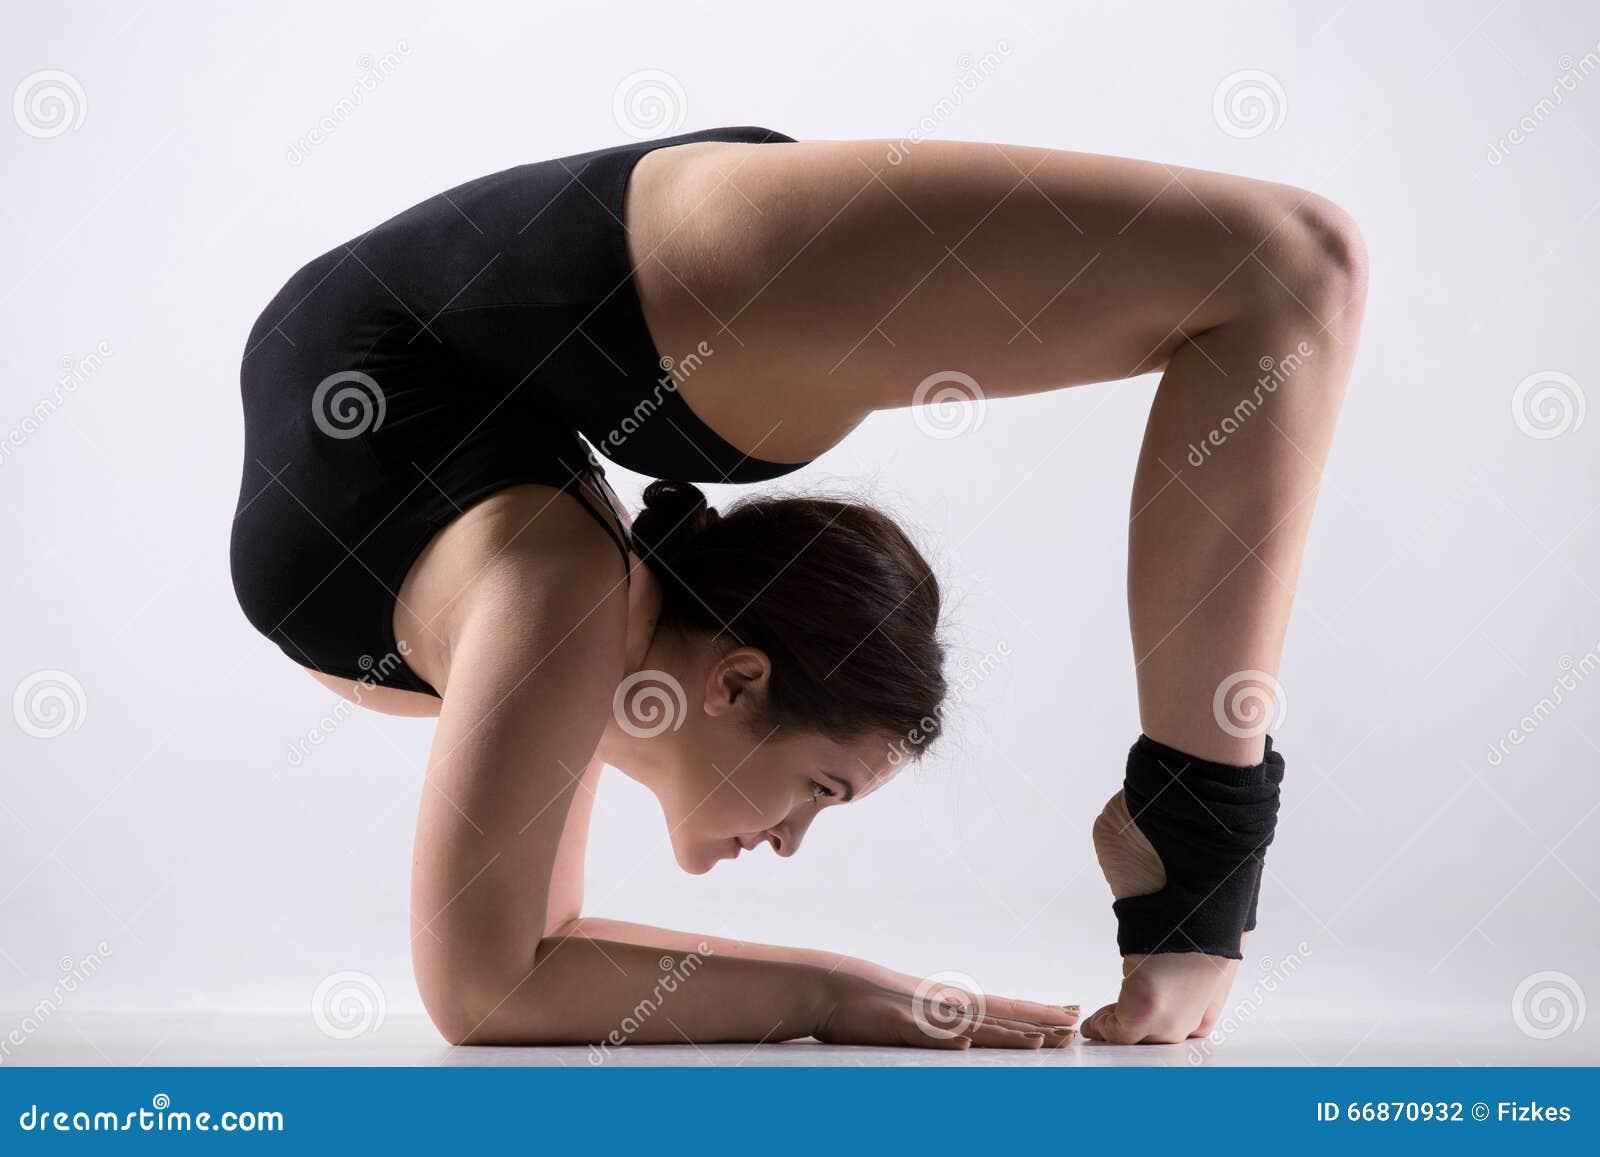 Flexible Gymnastic Pose 11